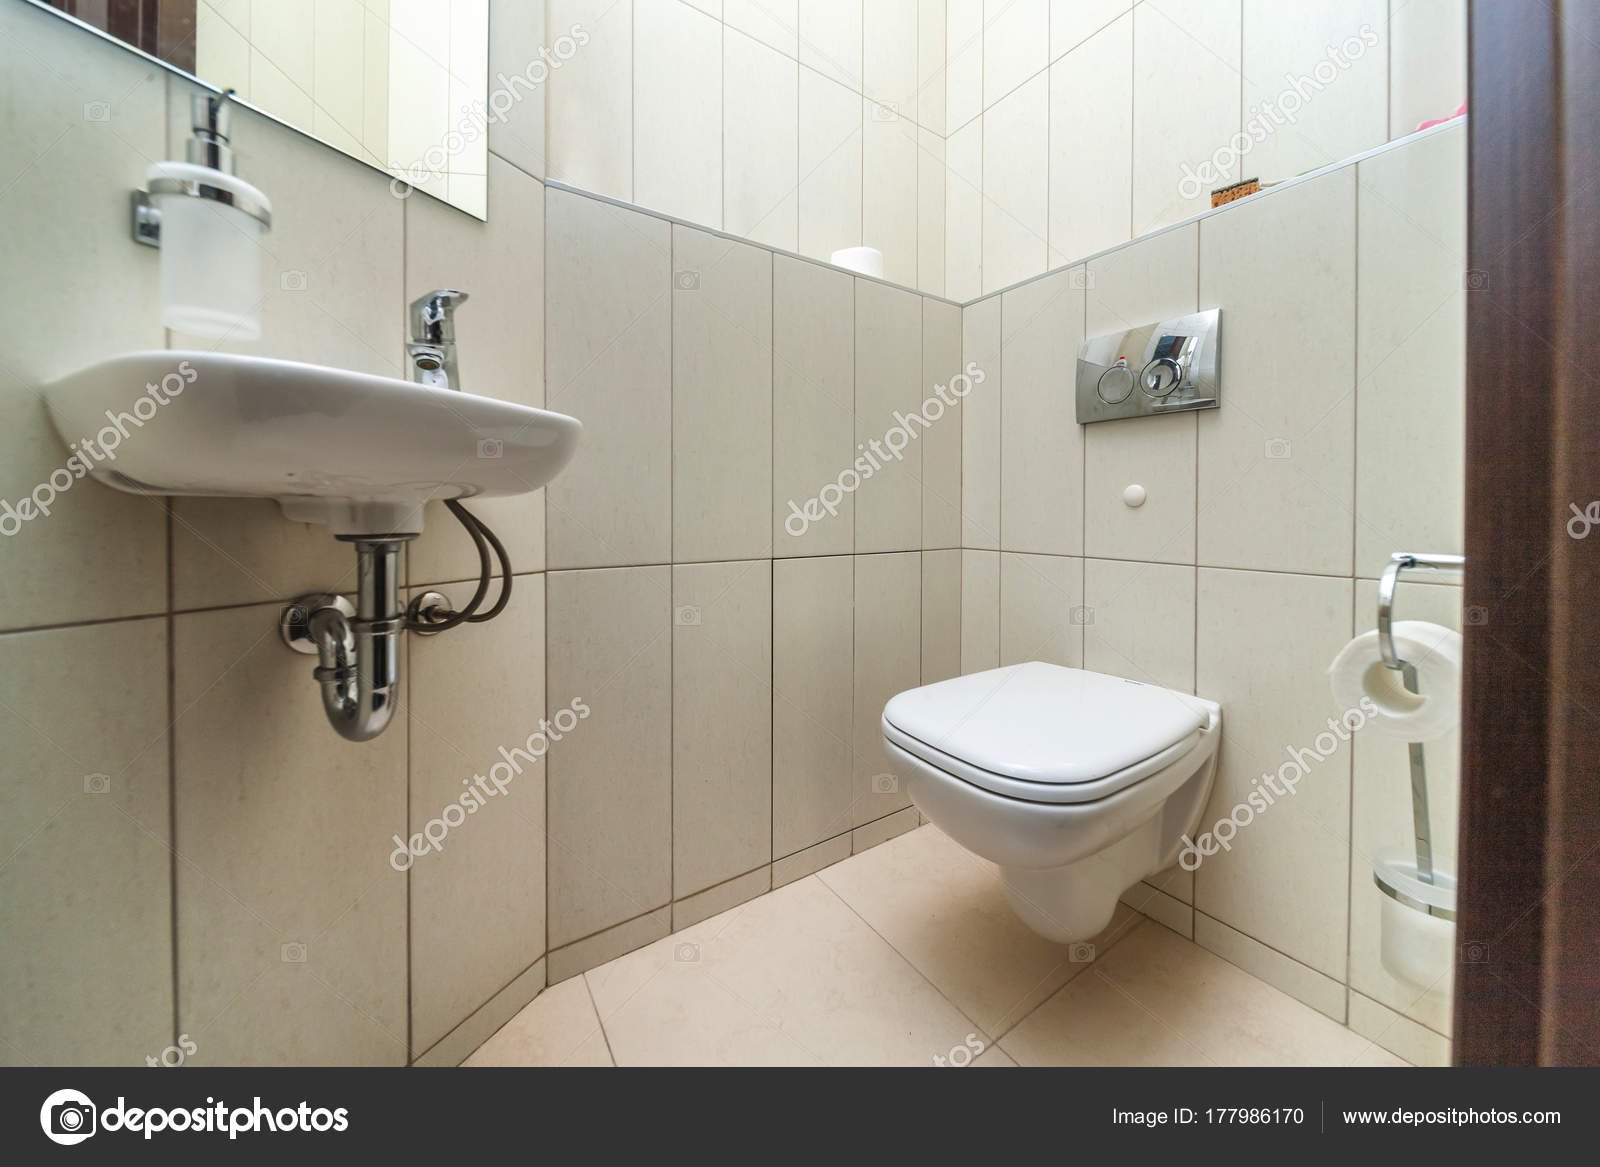 Toilet met wc u2014 stockfoto © olgasweet #177986170